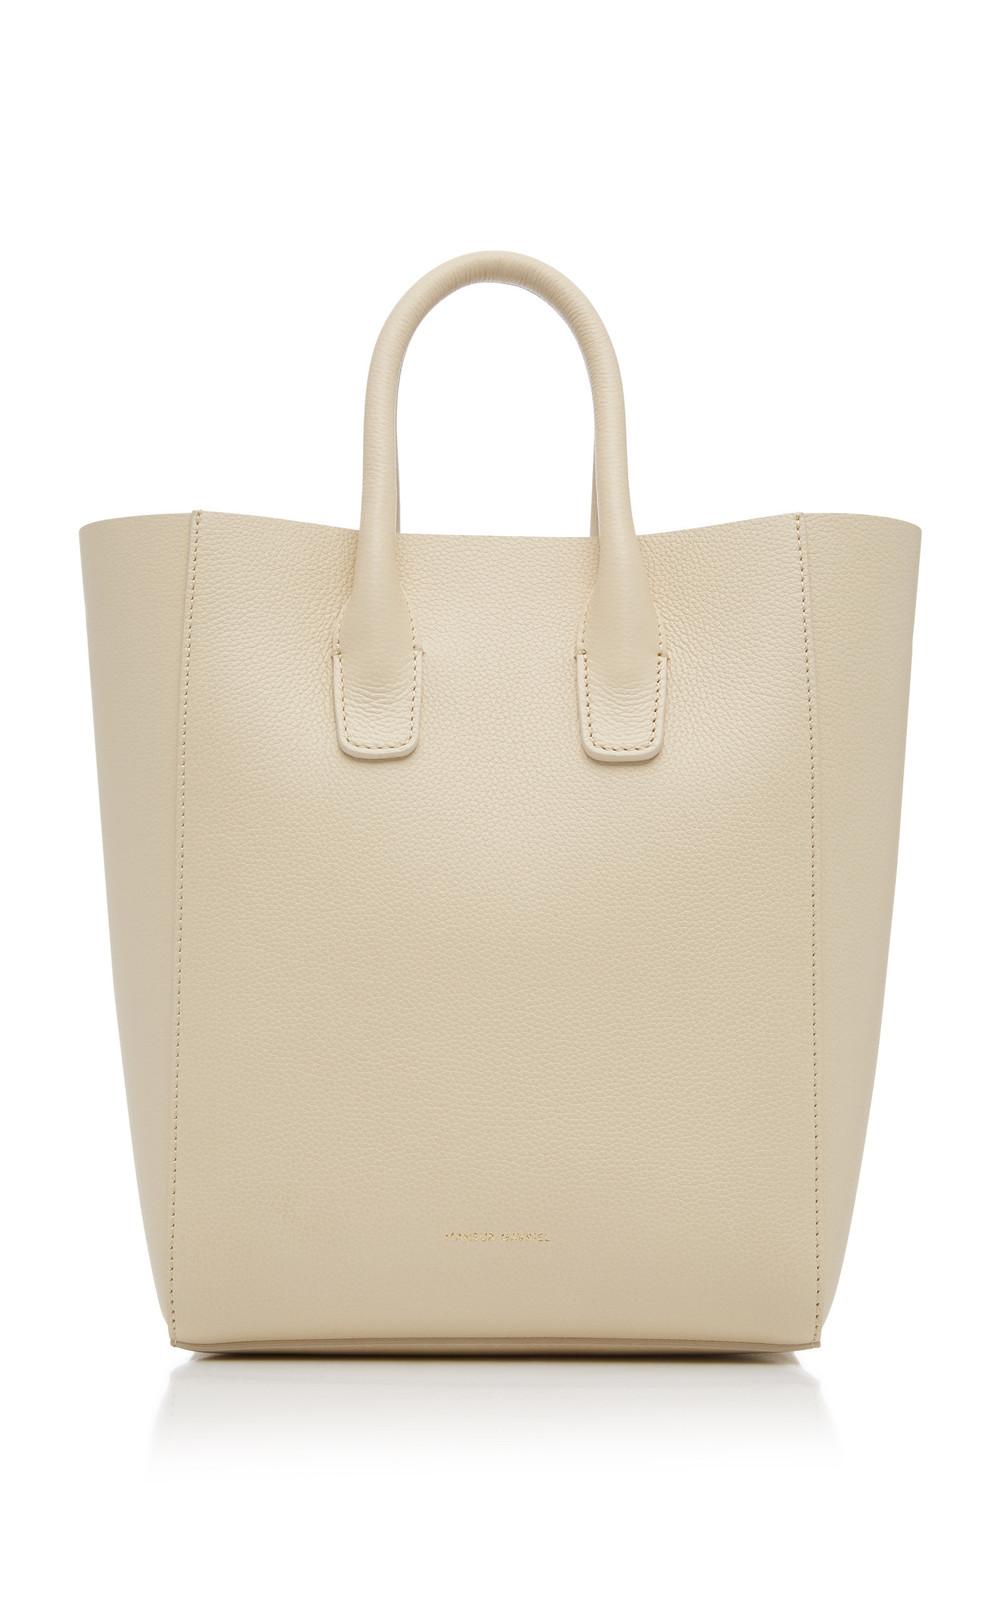 Mansur Gavriel NS Mini Pebble-Grain Leather Tote in white